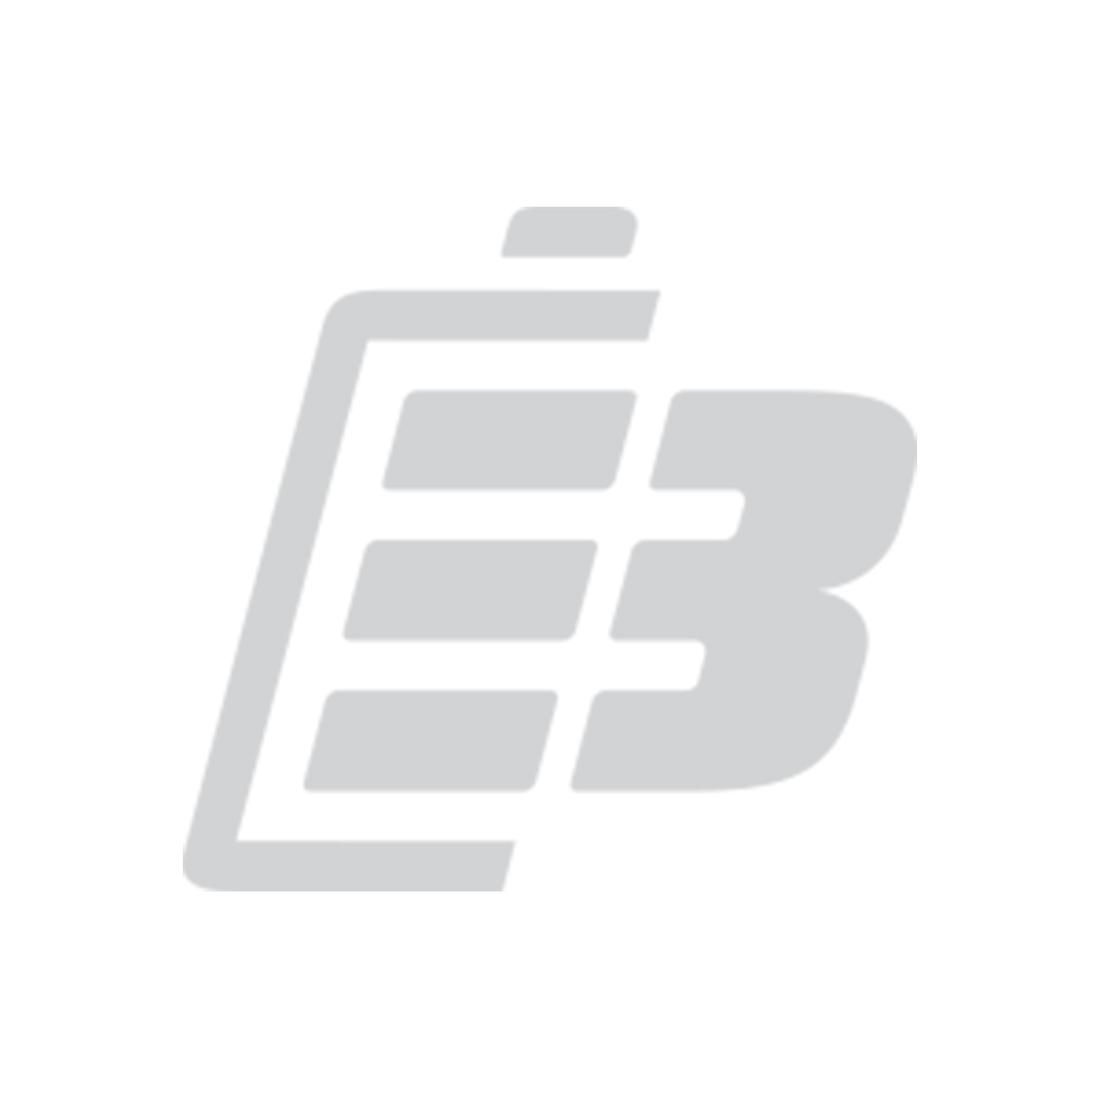 Μπαταρία κινητού τηλεφώνου Blackberry 8830_1